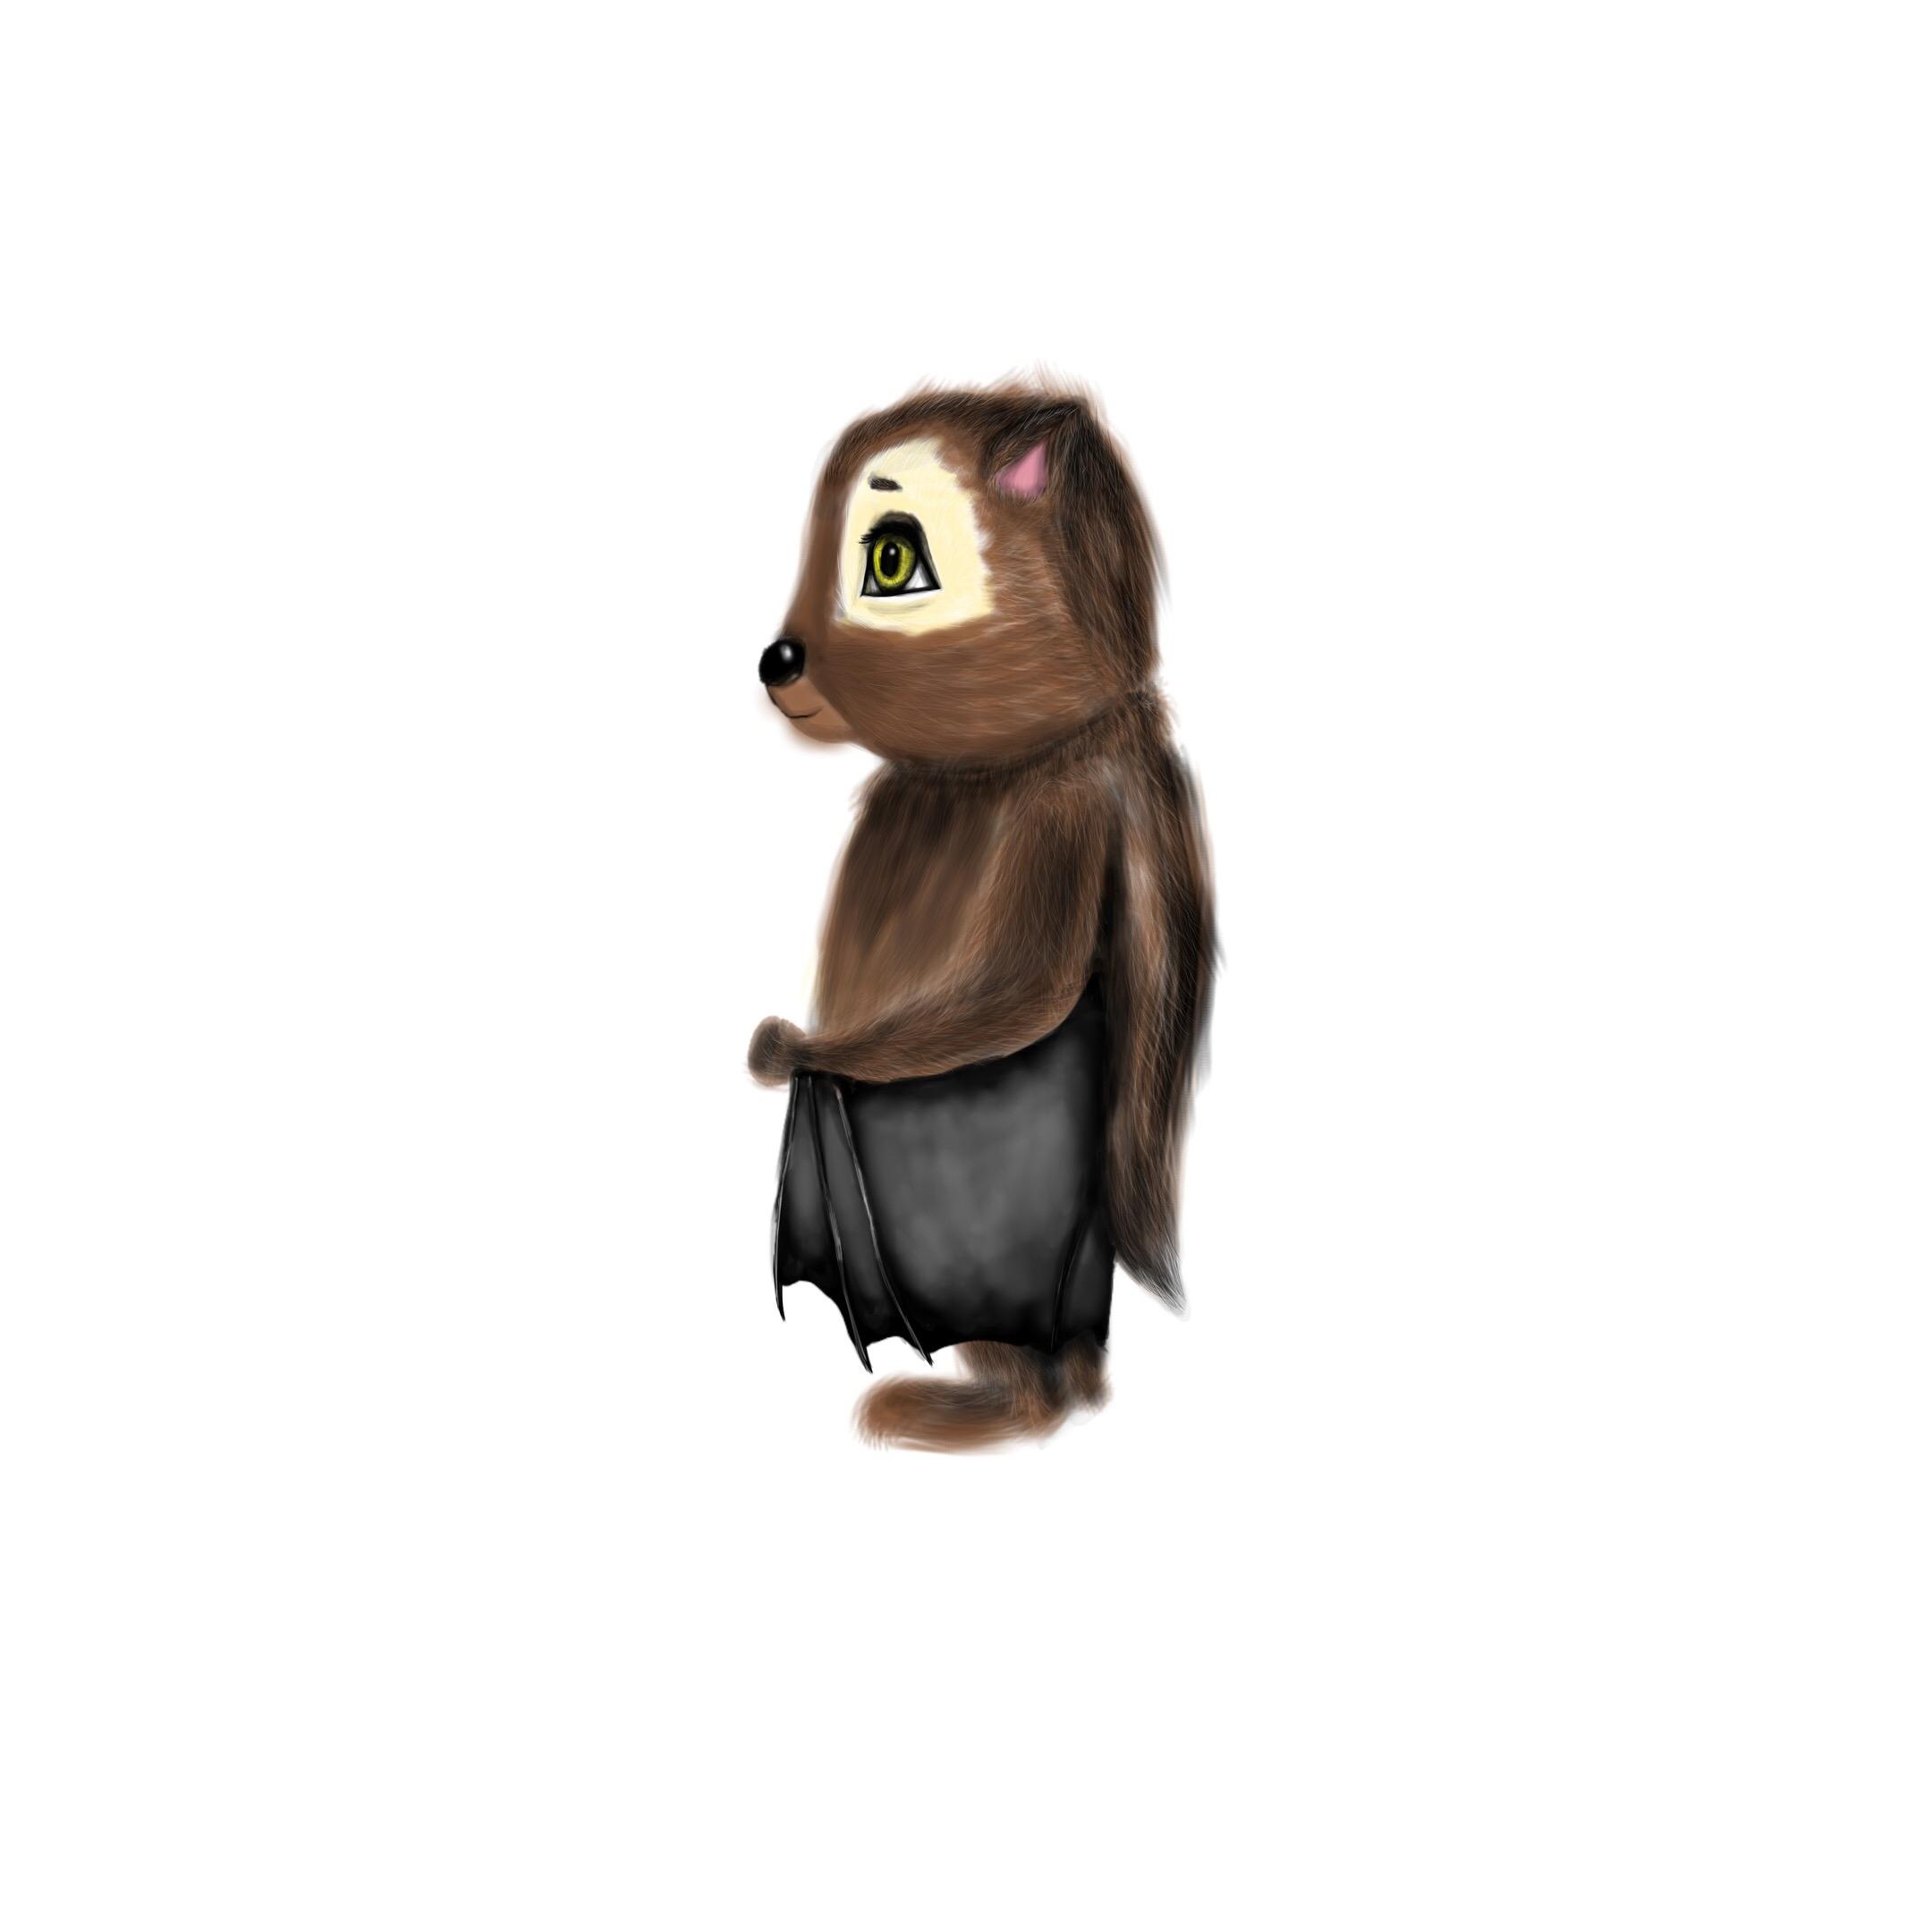 Нарисовать персонажа для анимации фото f_9845c9333f8a8fe3.jpg